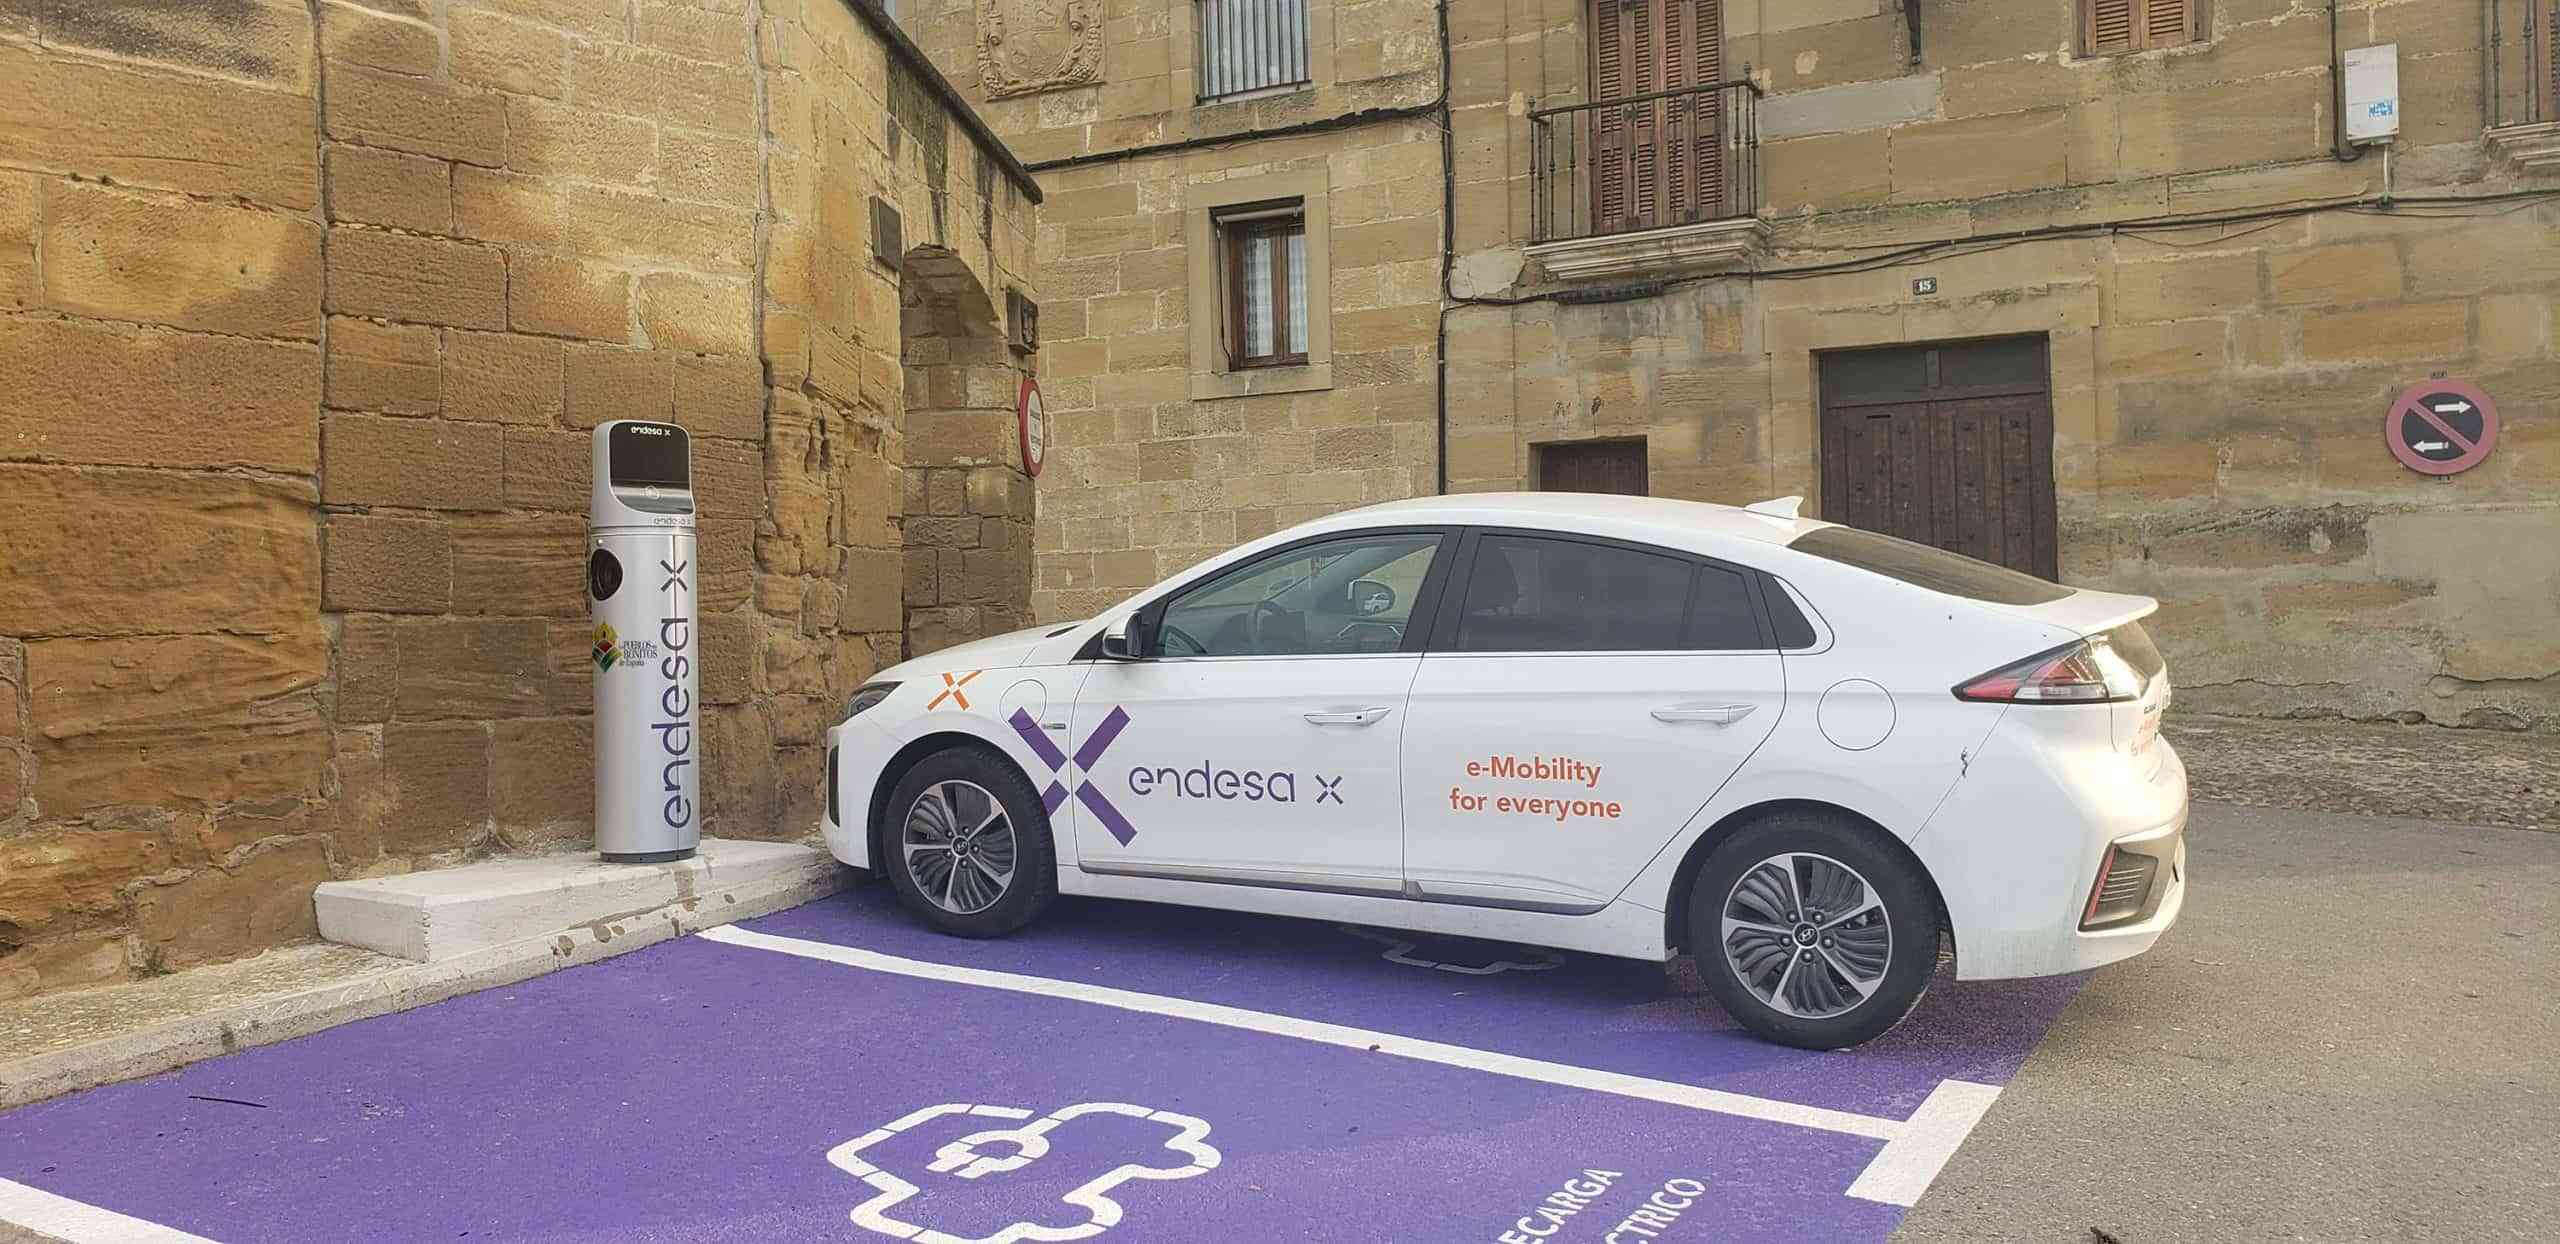 Endesa X instala cargadores de vehículos eléctricos en los pueblos más bonitos de España 3